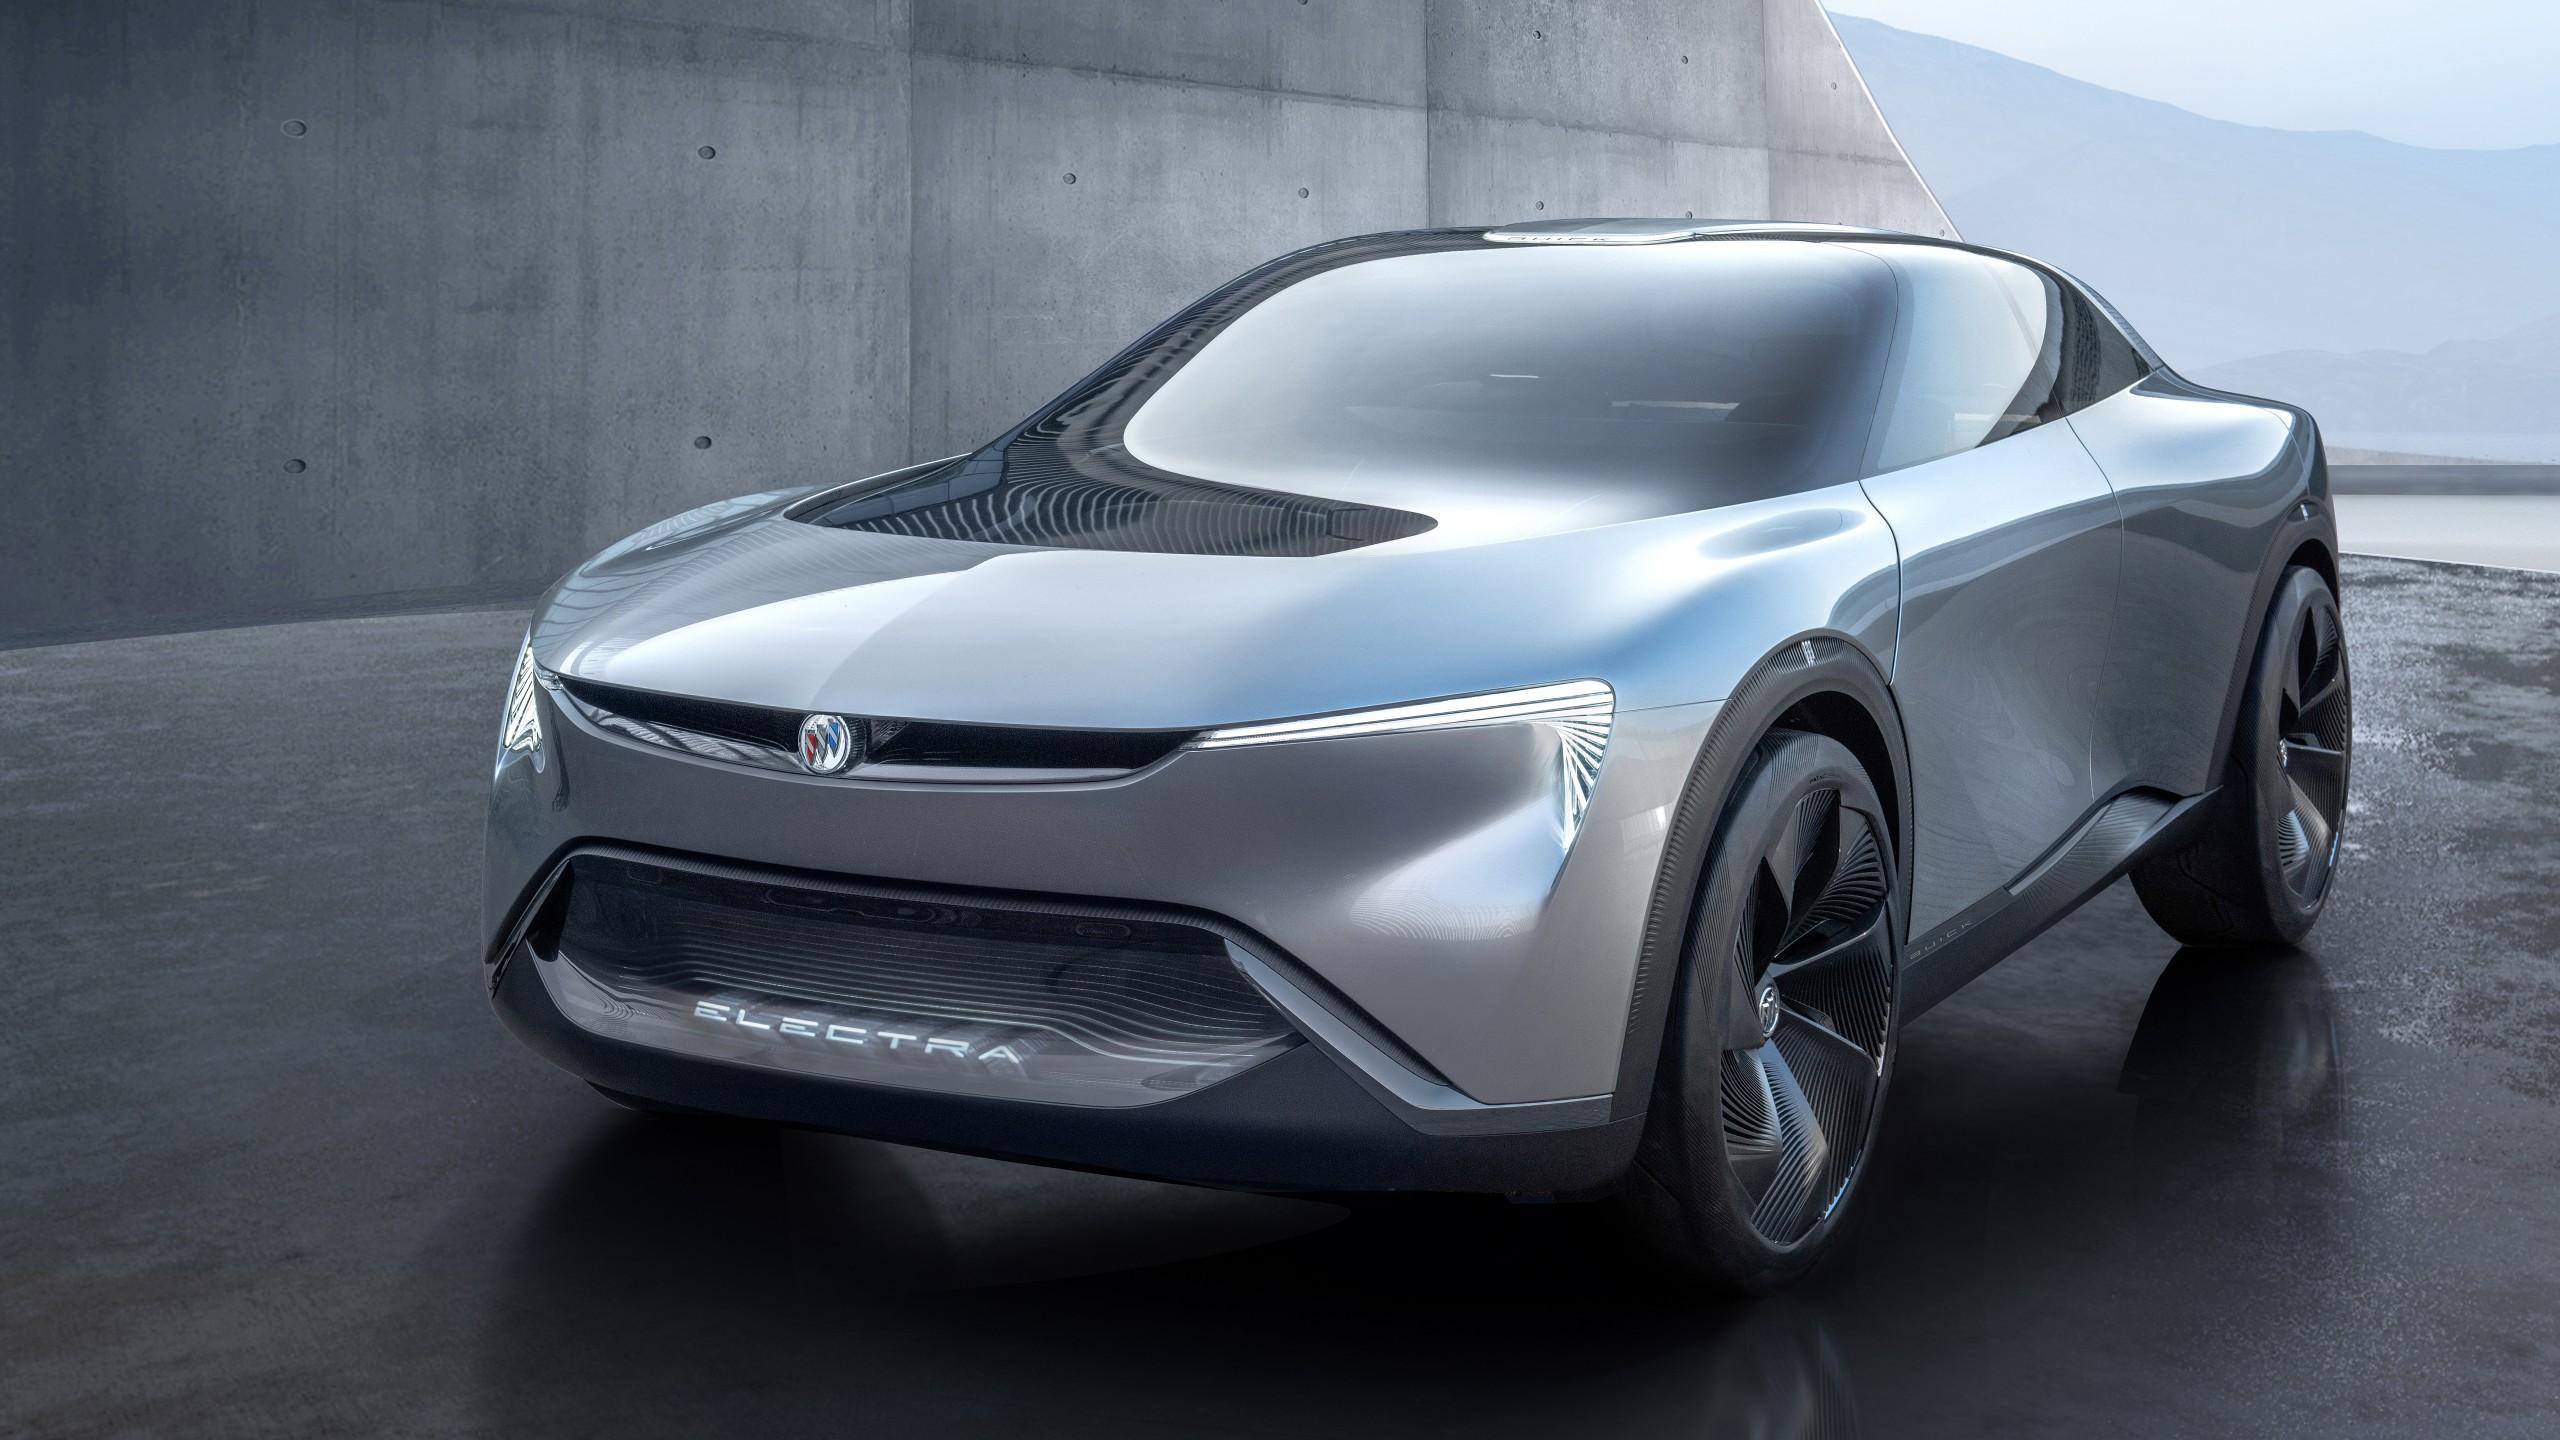 Buick Electra Concept 2020 5K 3 Wallpaper | HD Car ...